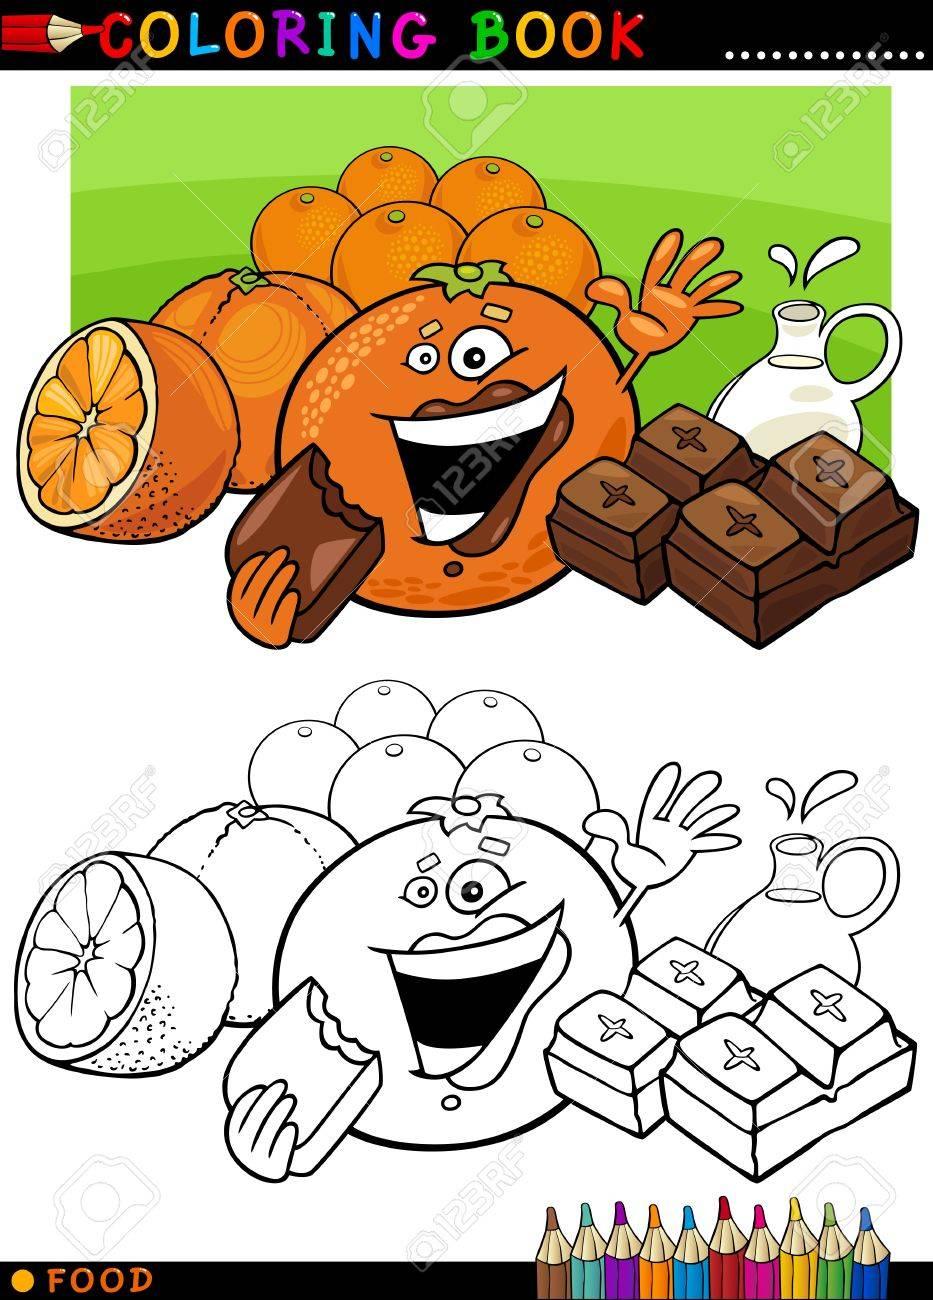 Libro Para Colorear O Ilustración De Dibujos Animados Página De Humor Personajes Alimentación Naranjas Y Piezas De Chocolate Para La Educación